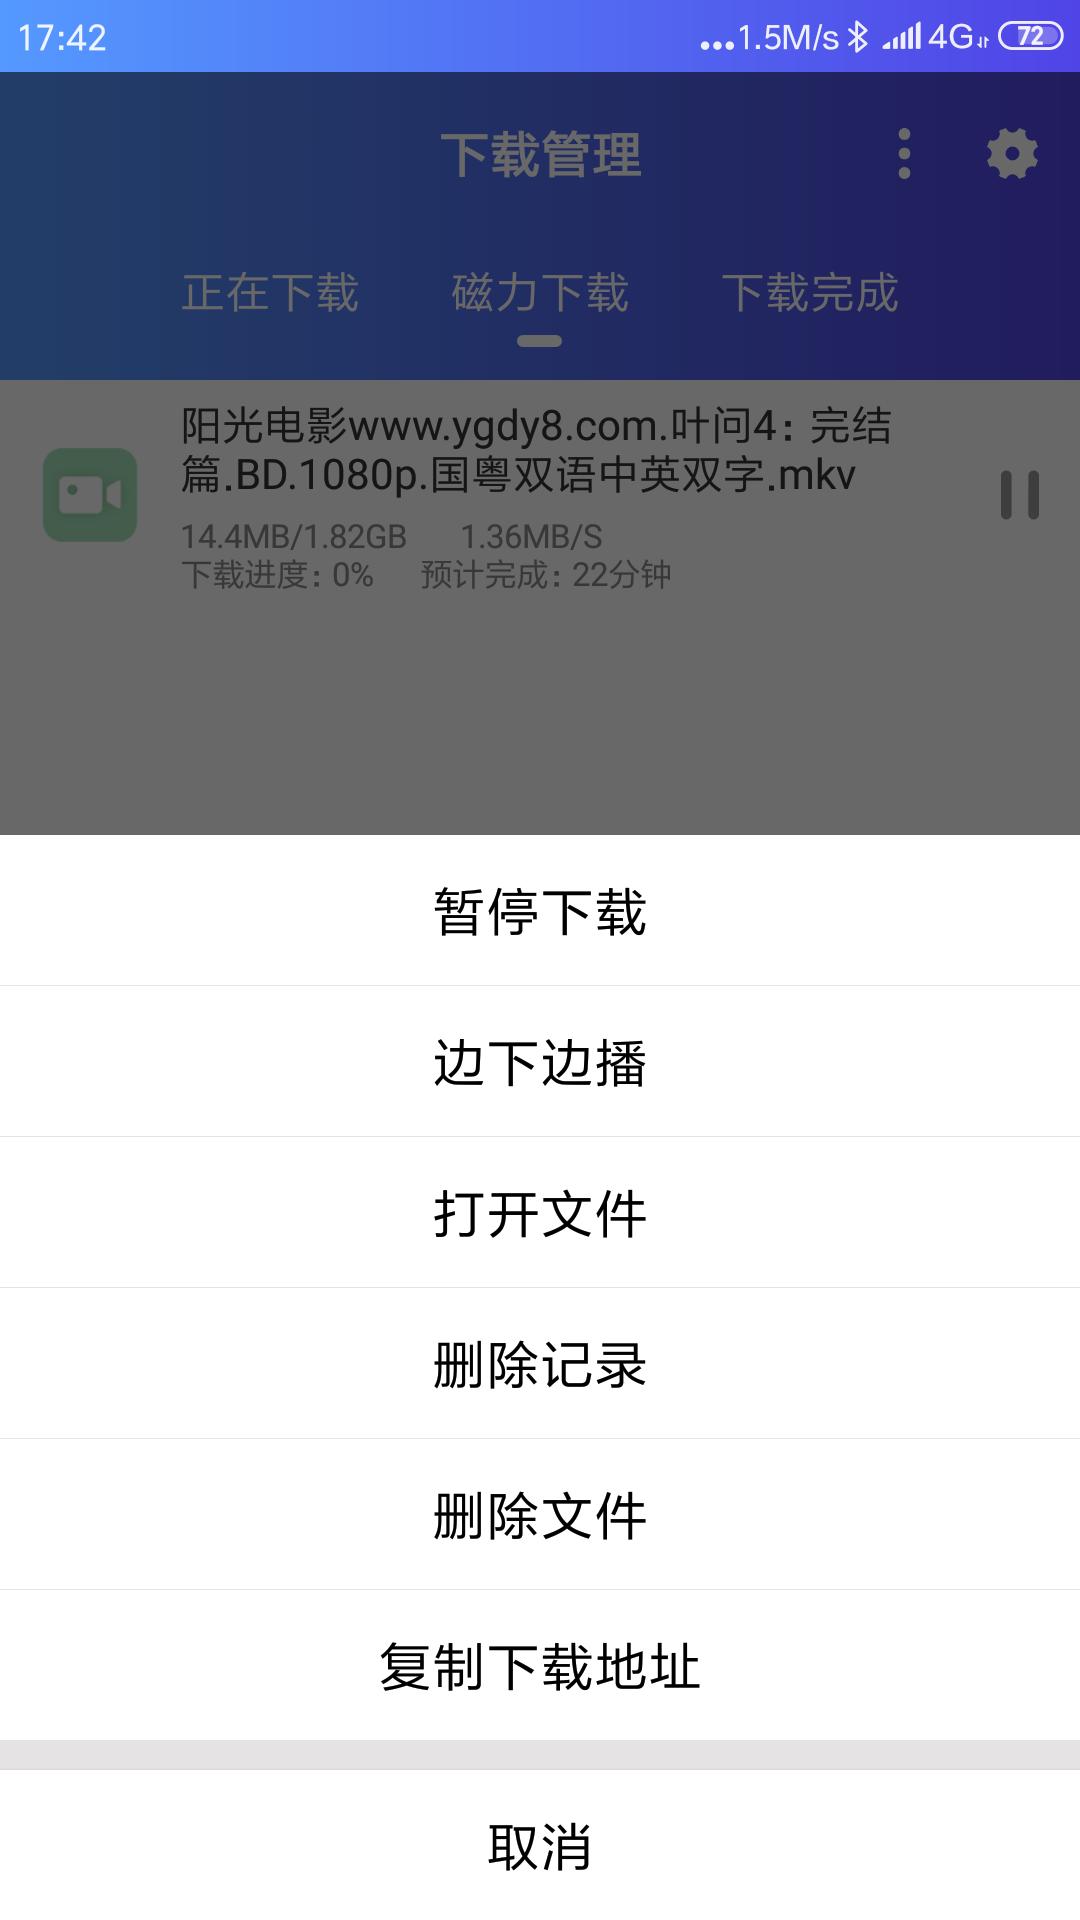 【软件分享】安卓全能下载神器,轻松白嫖全网!-爱小助